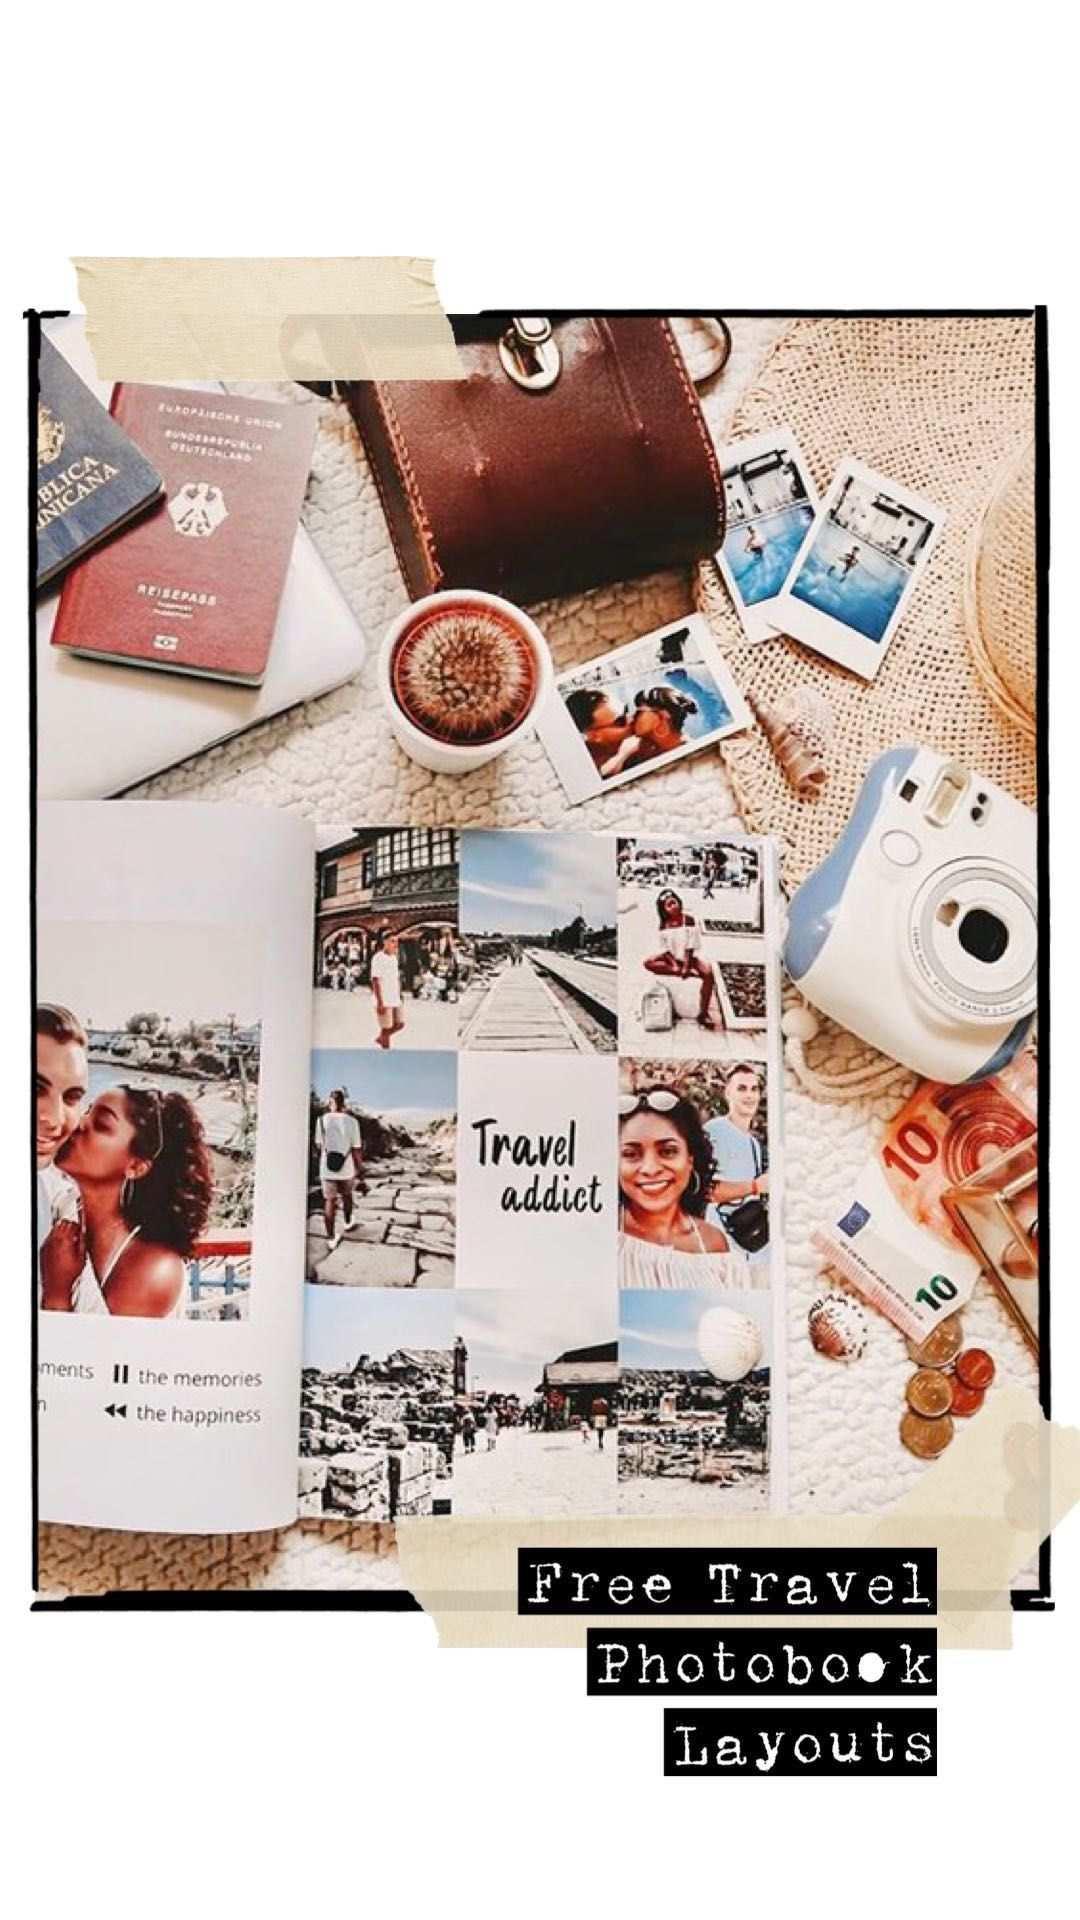 Travel Photobook Layouts Fotobuch Fotobuch Gestalten Fotoalbum Gestalten Ideen